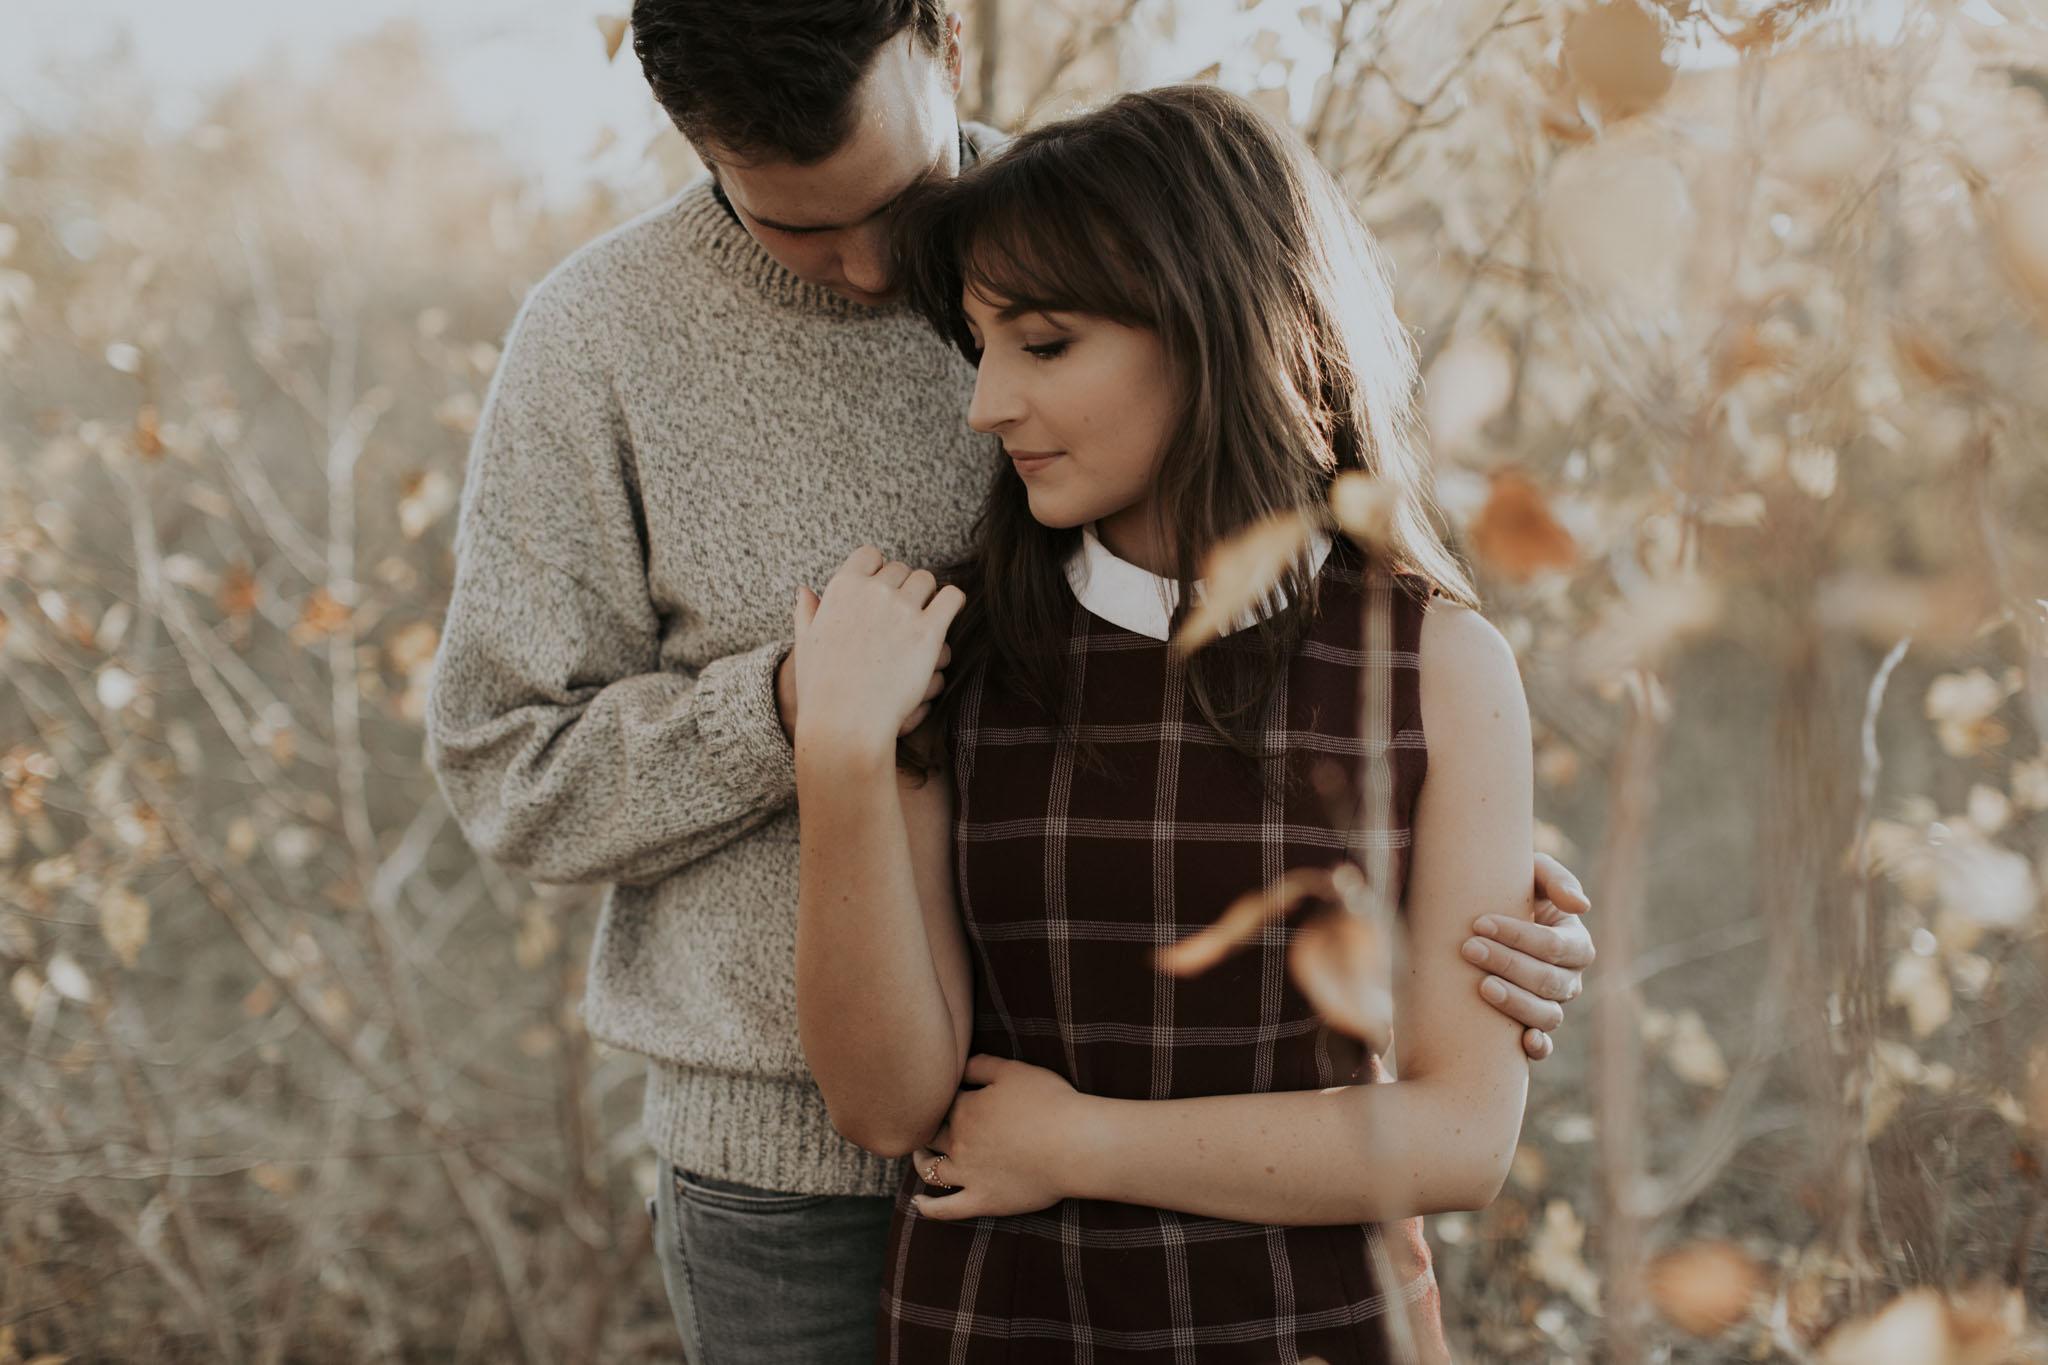 LL_couplephotos_websize-44.jpg